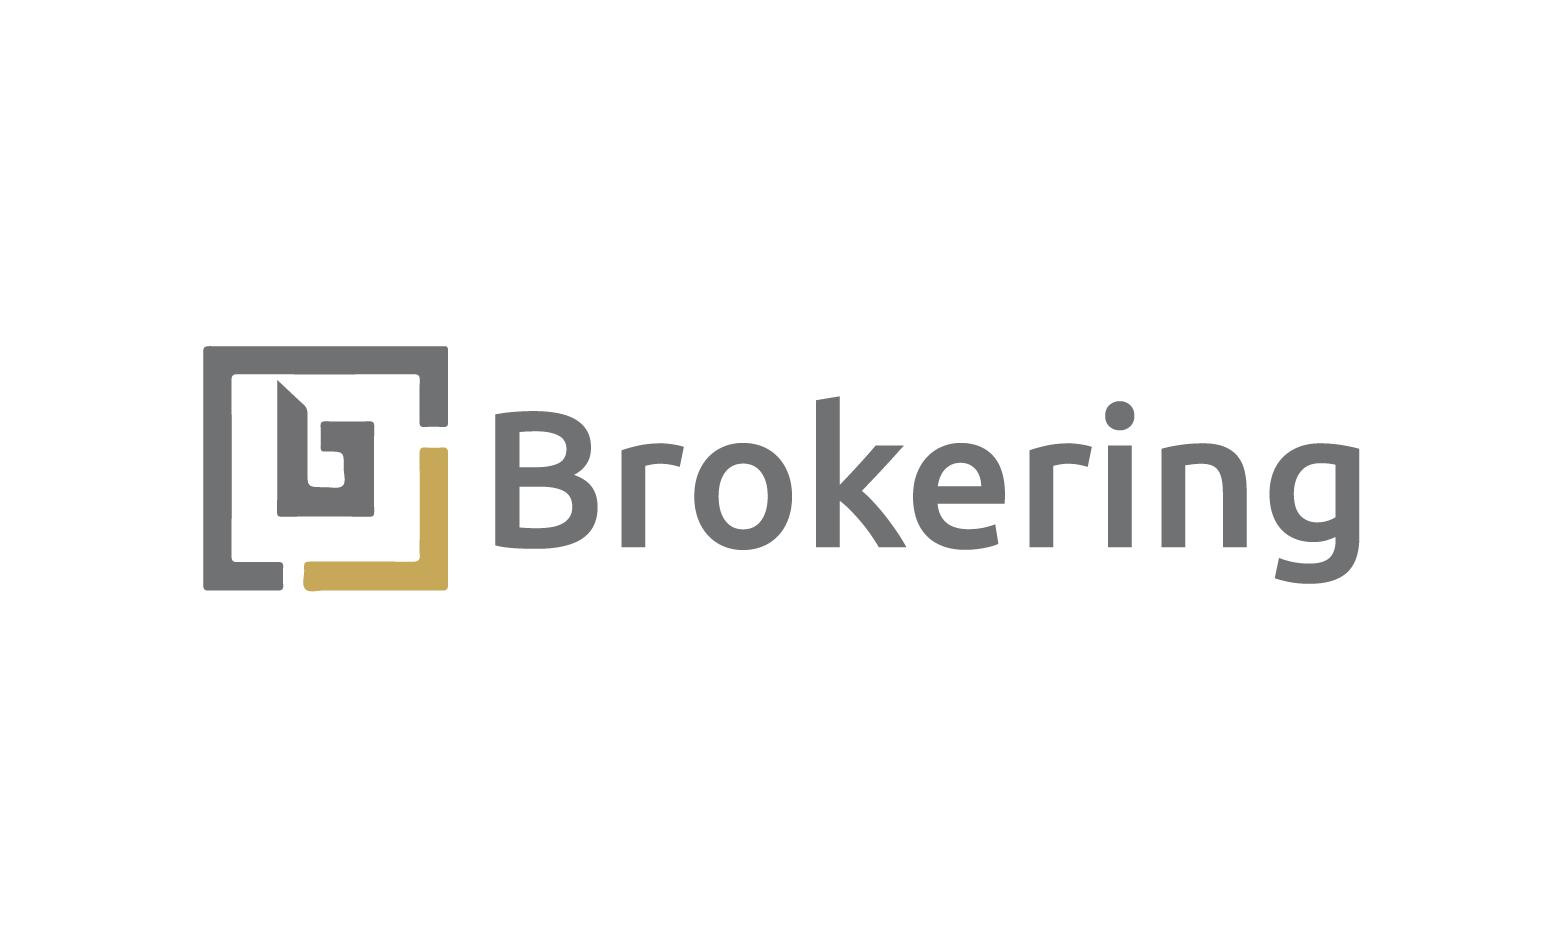 Brokering.co